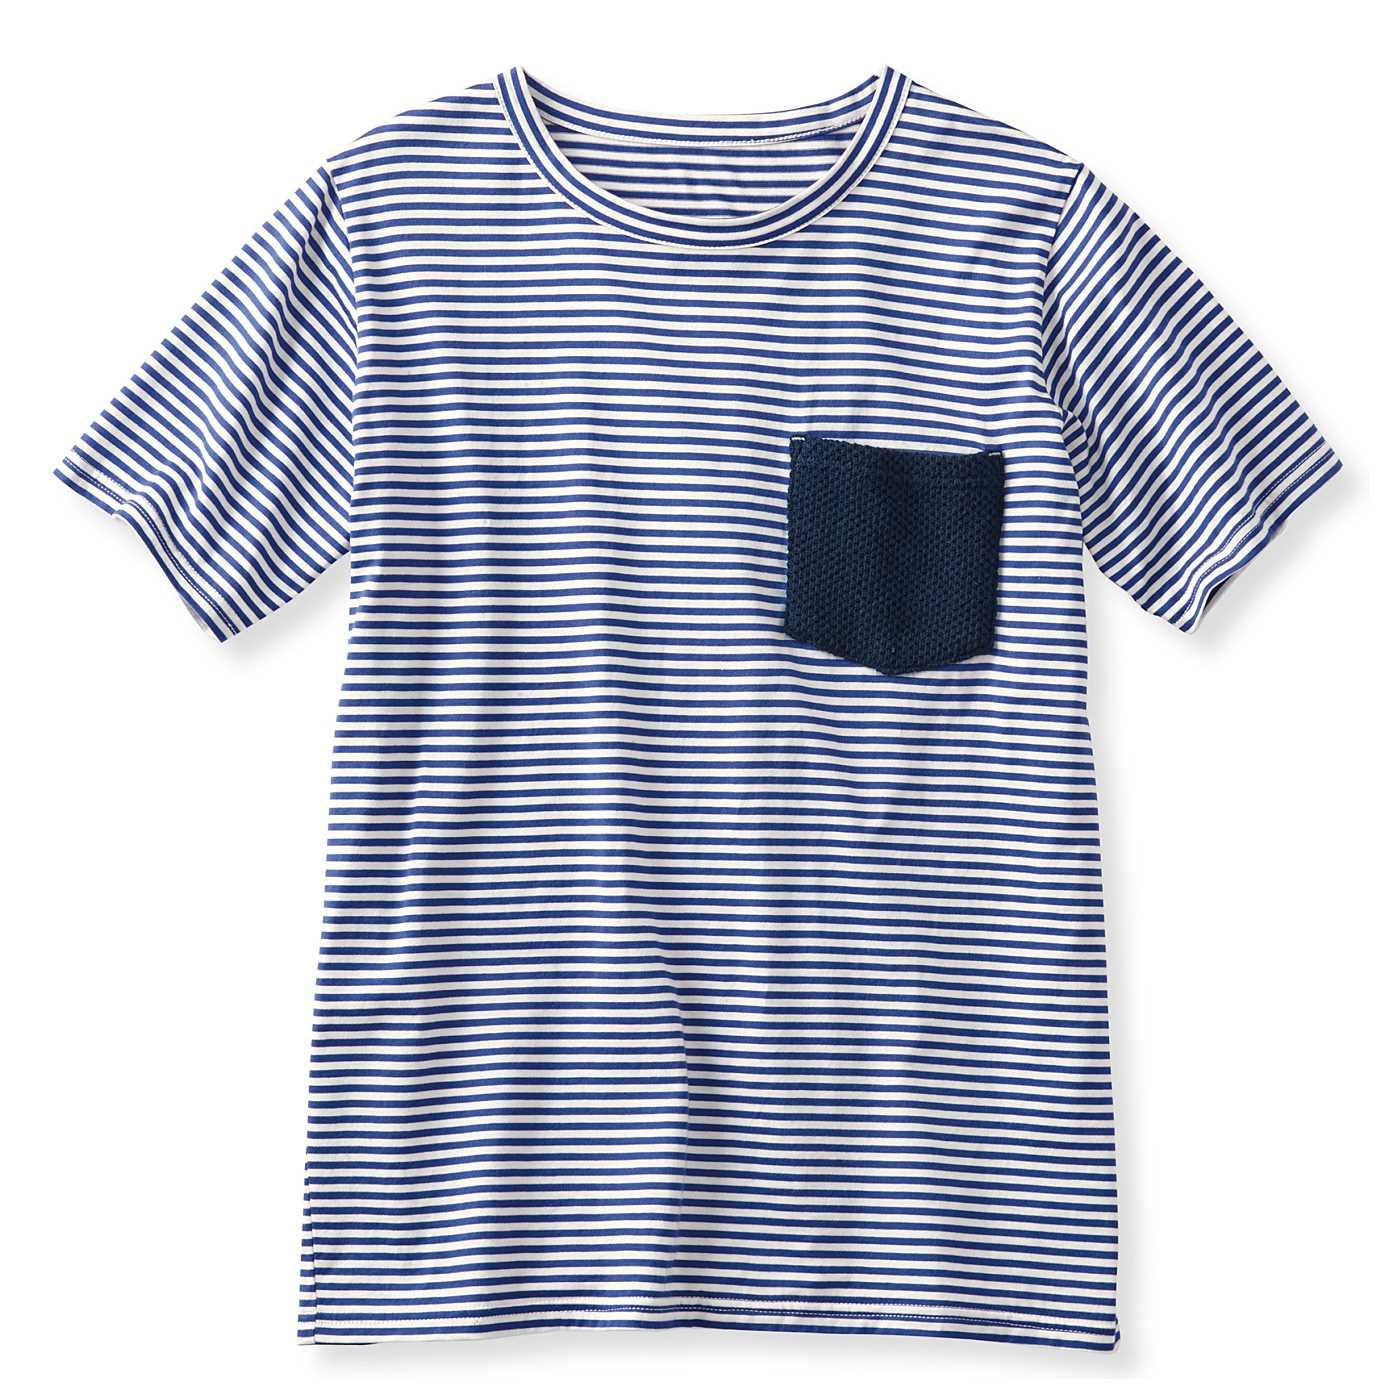 フェリシモ 吸水速乾素材がうれしい ポケット付きトップス〈メンズ〉 (ブルーボーダー)